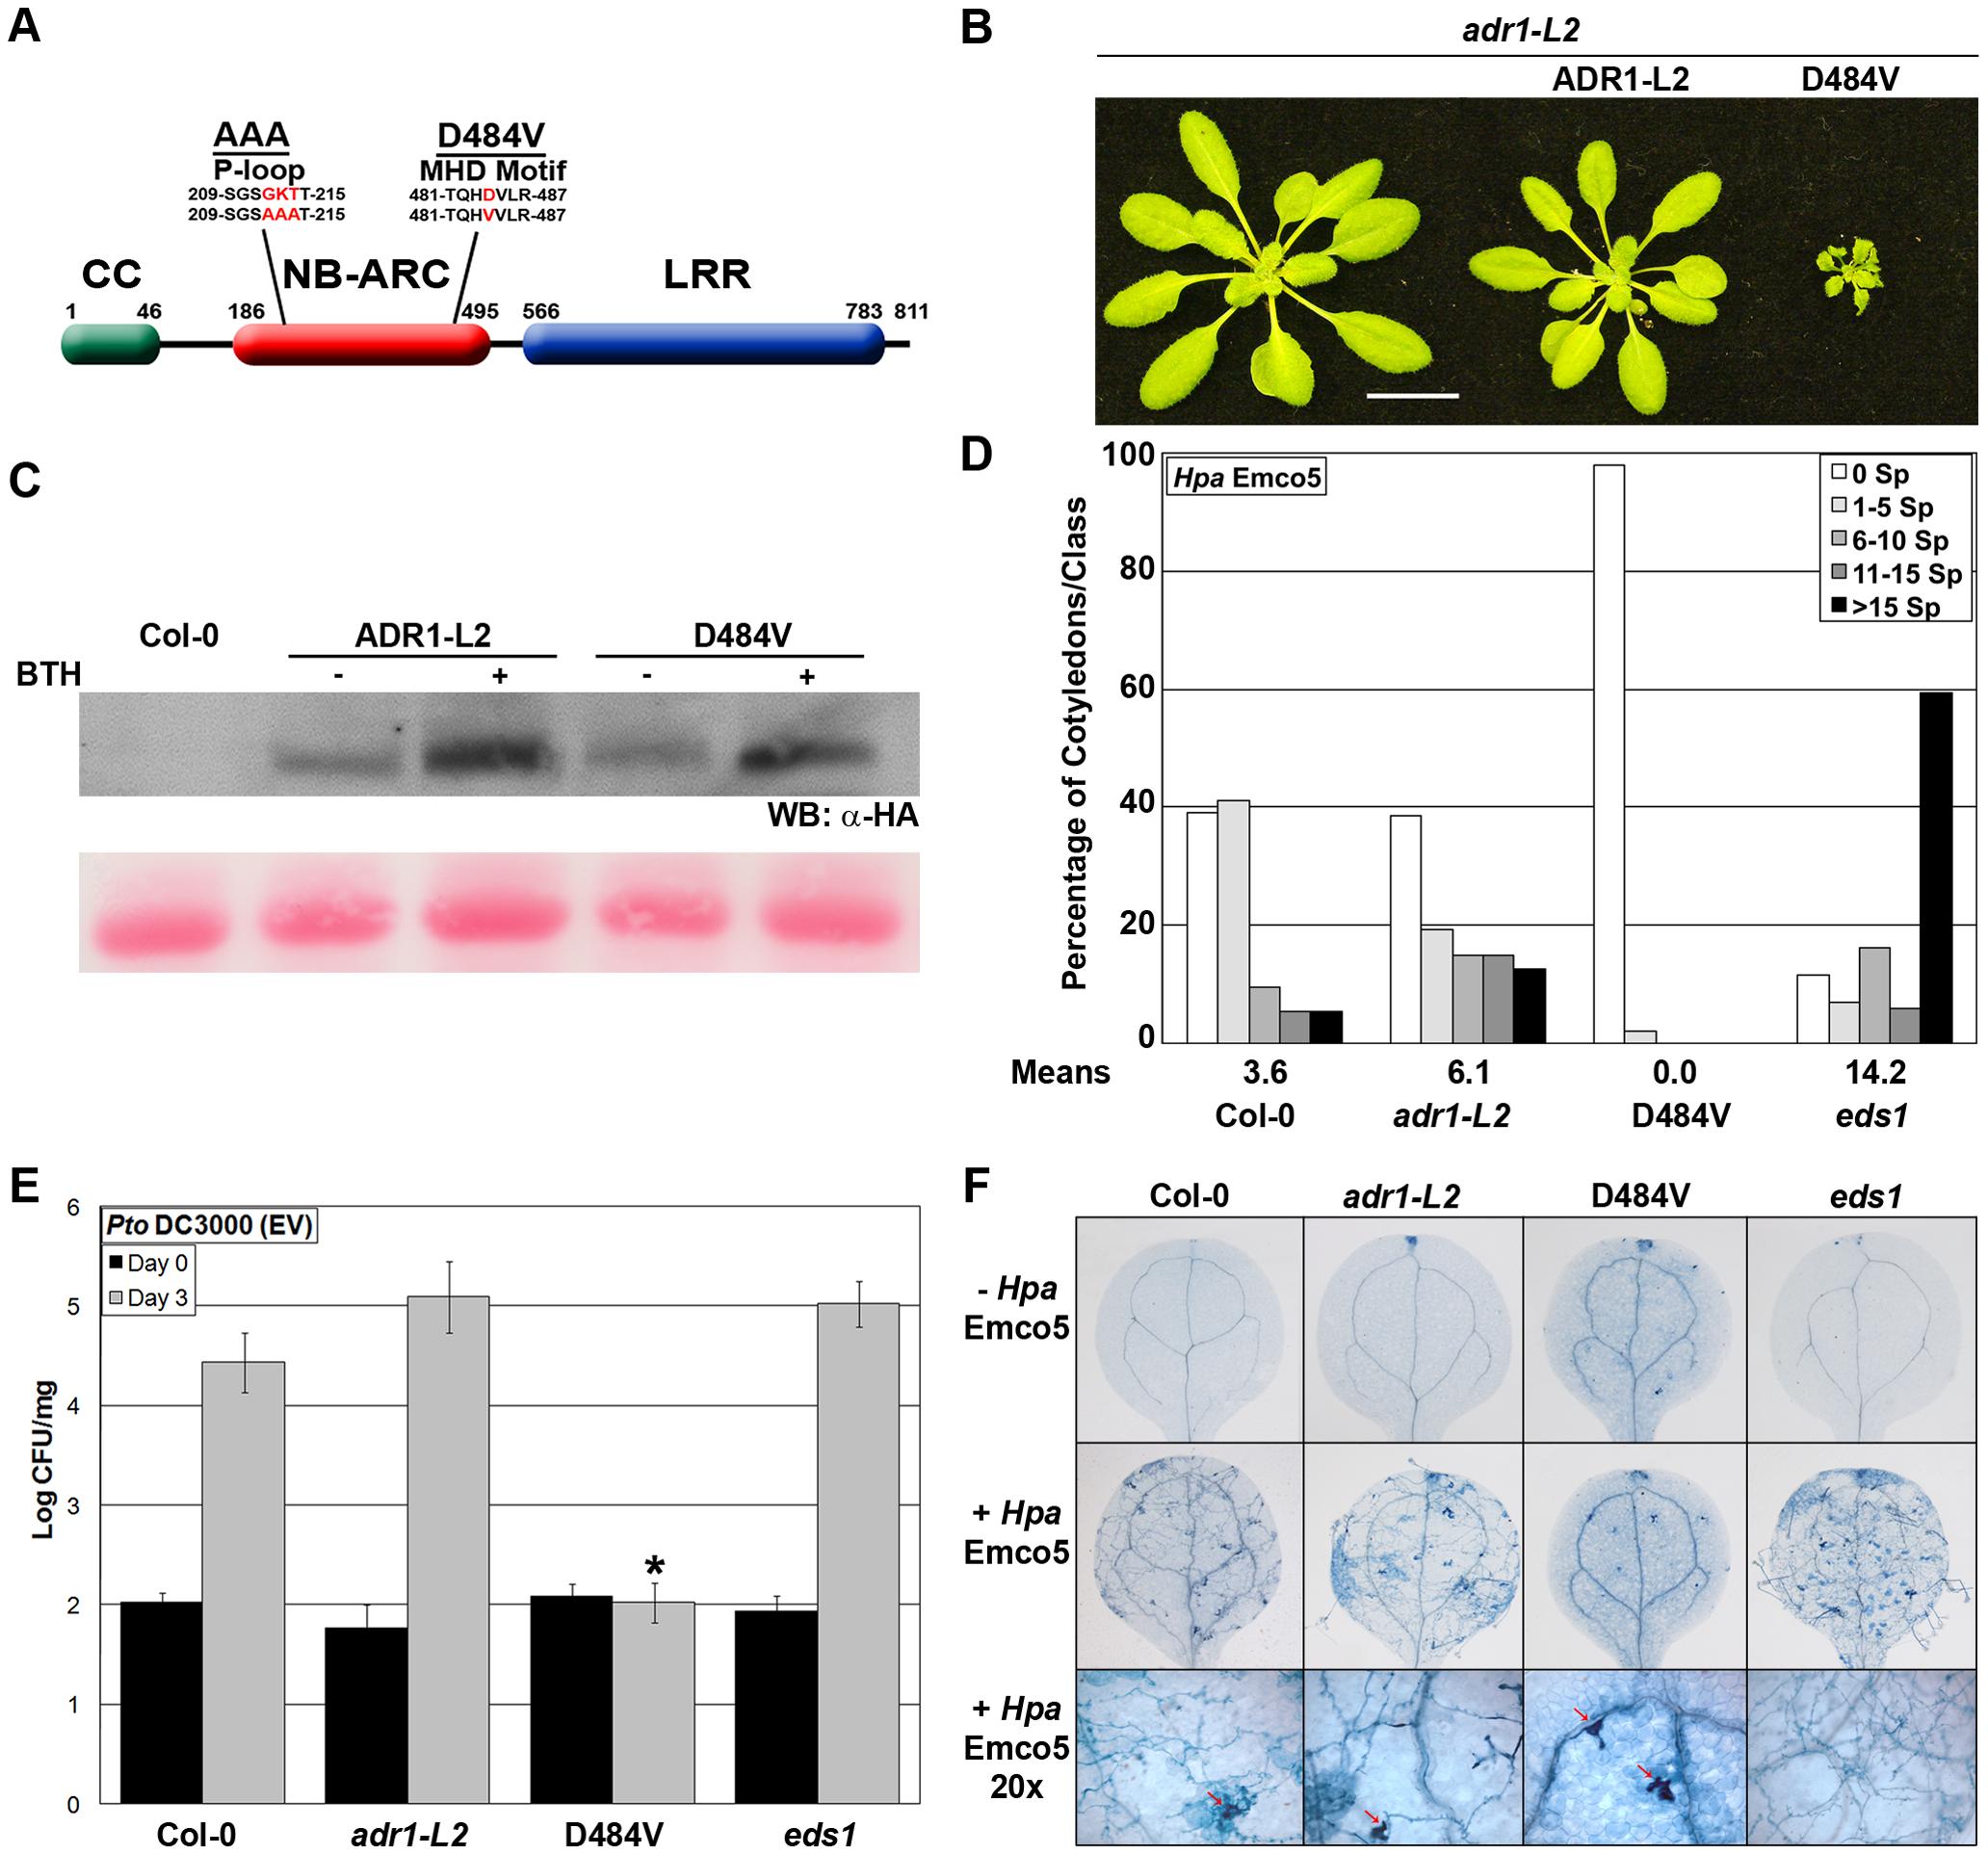 <i>ADR1-L2<sub>D484V</sub></i> ectopically activates basal defense.